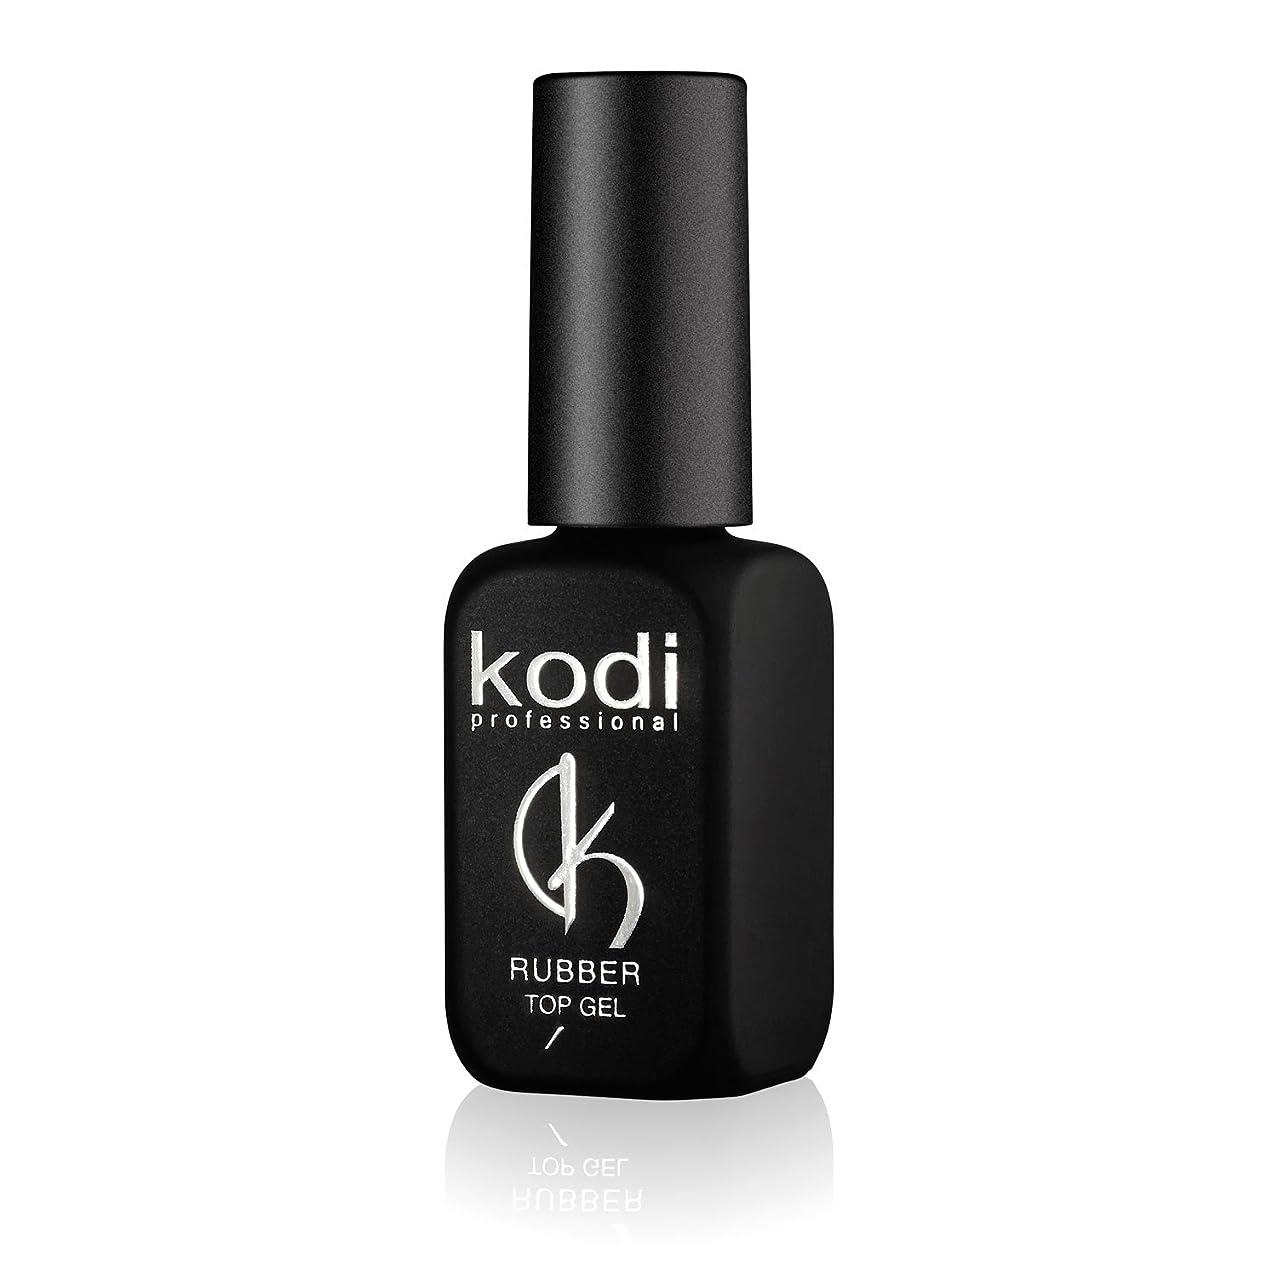 安息代表して涙Professional Rubber Top Gel By Kodi | 12ml 0.42 oz | Soak Off, Polish Fingernails Coat Gel | For Long Lasting Nails Layer | Easy To Use, Non-Toxic & Scentless | Cure Under LED Or UV Lamp